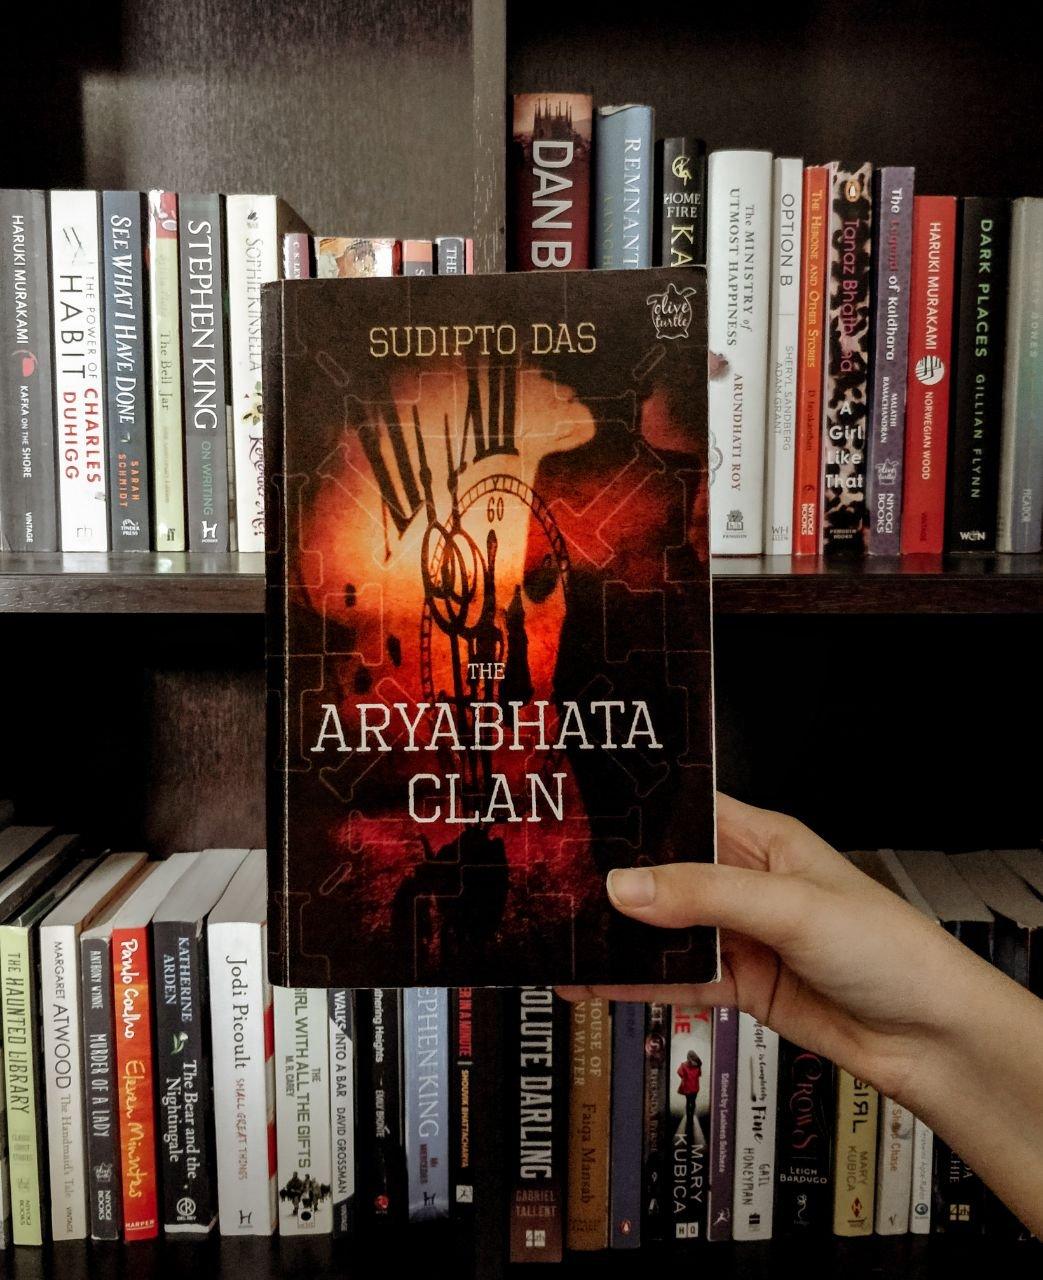 The Aryabhata Clan by SudiptoDas